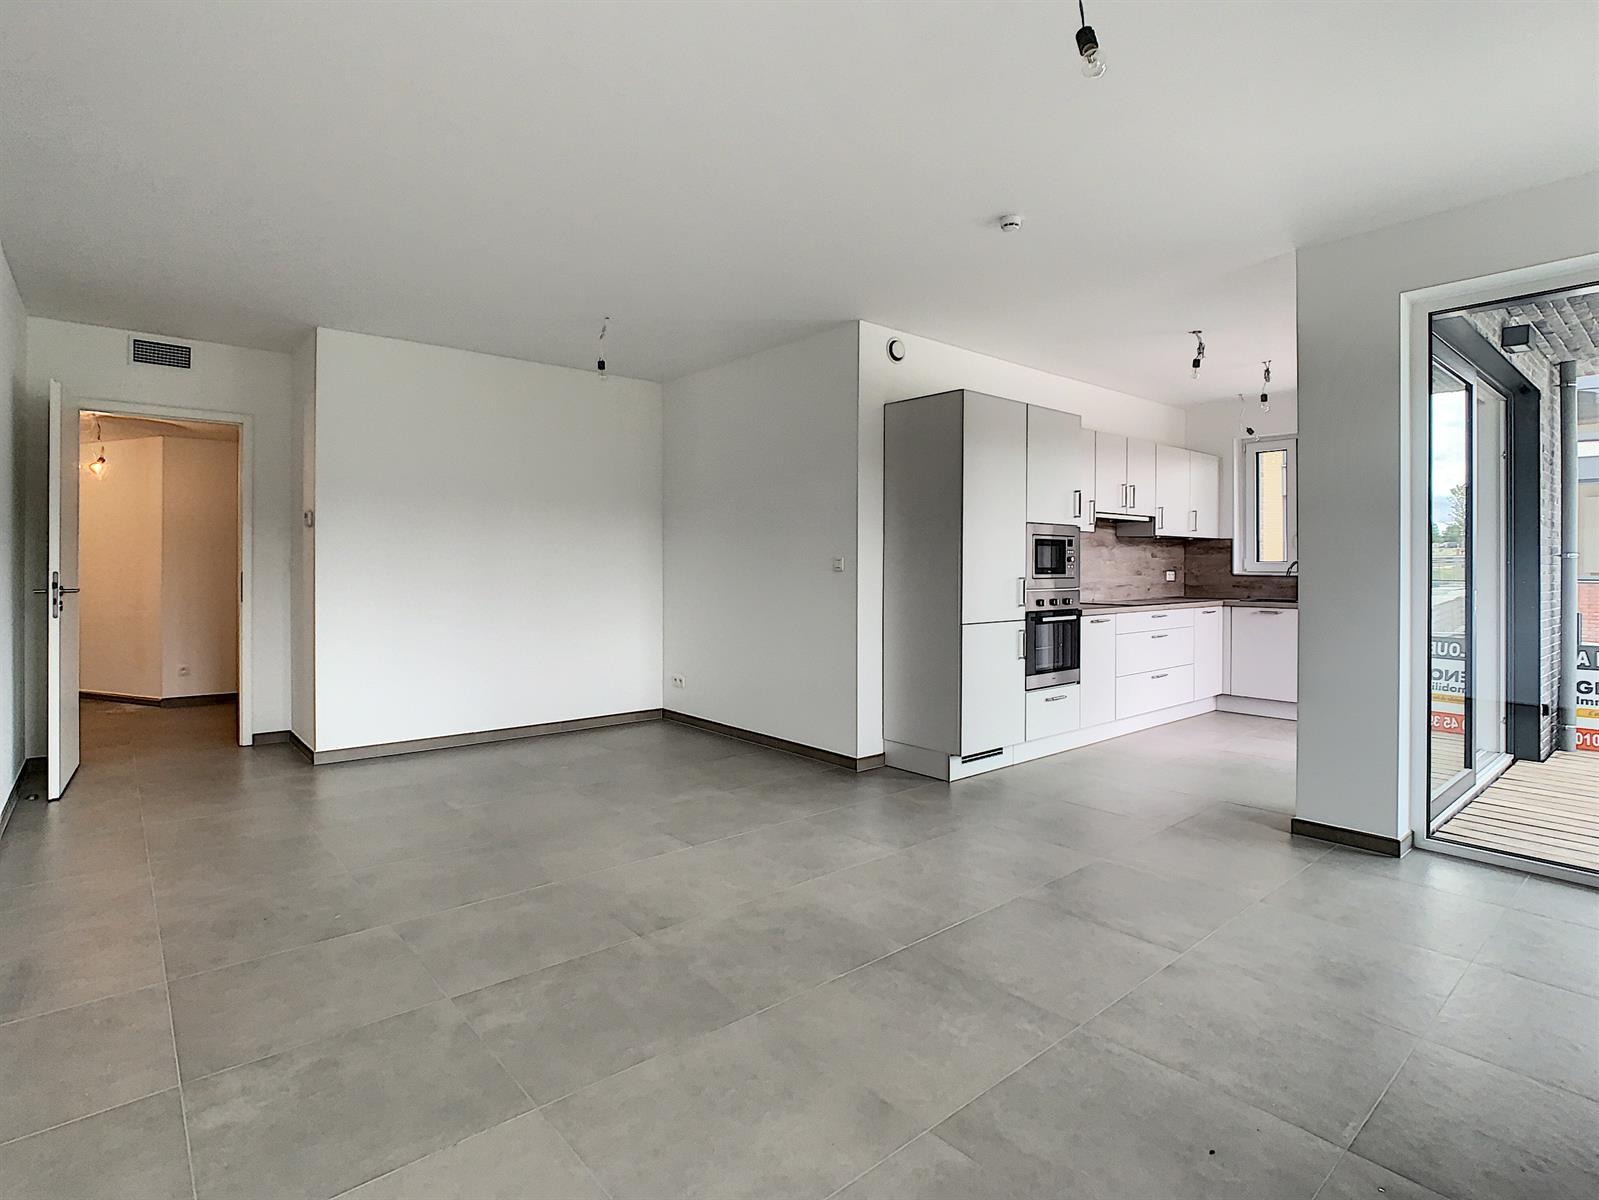 Appartement - Louvain-la-Neuve - #4149935-2